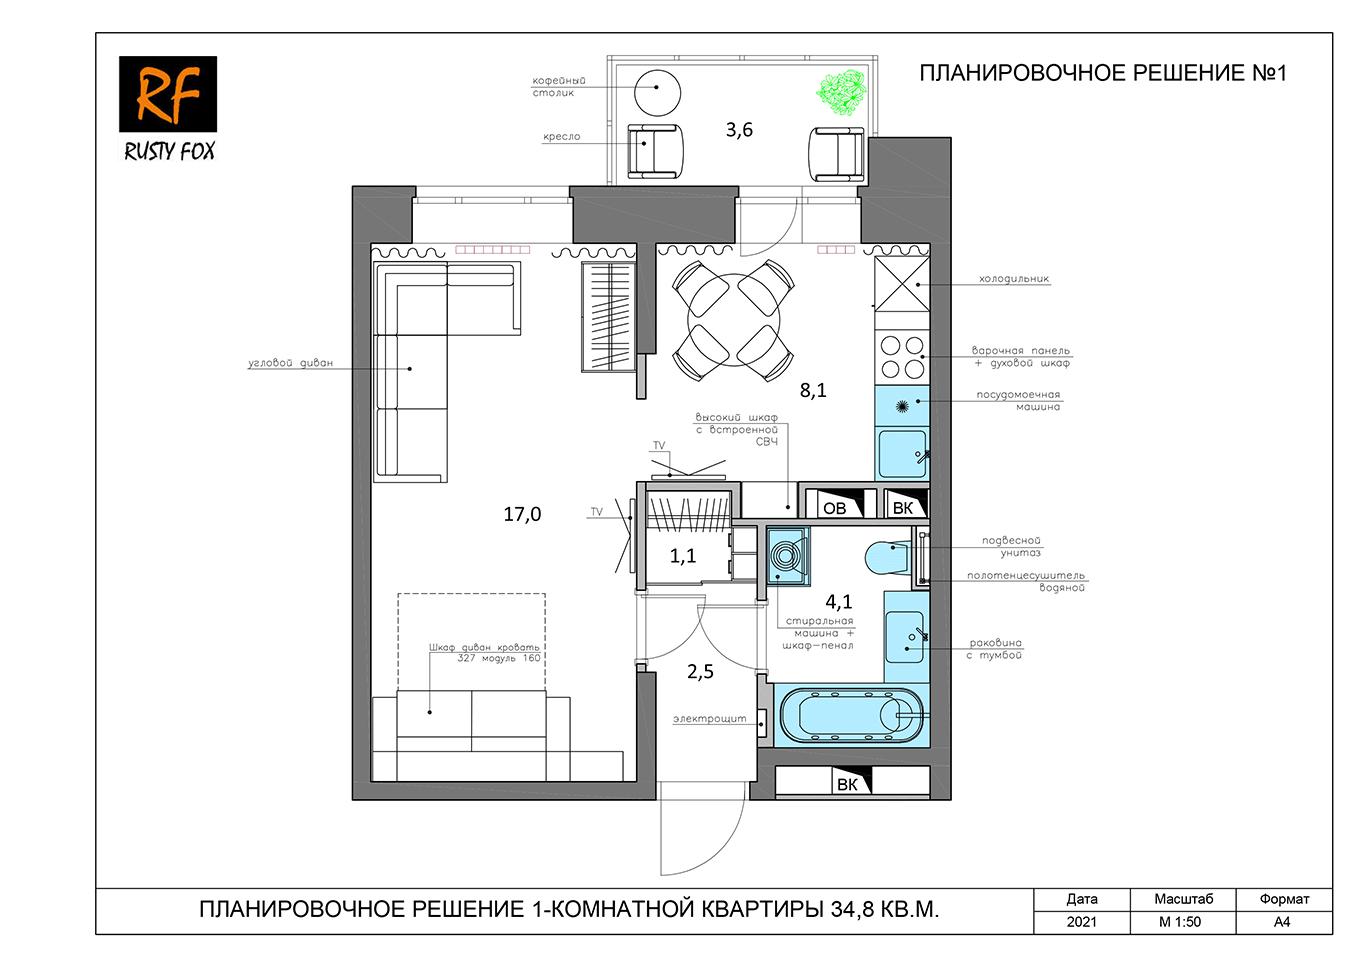 ЖК Люберцы корпус 52, секция 2. Планировочное решение №1 1-комнотной квартира 34,8 кв.м.